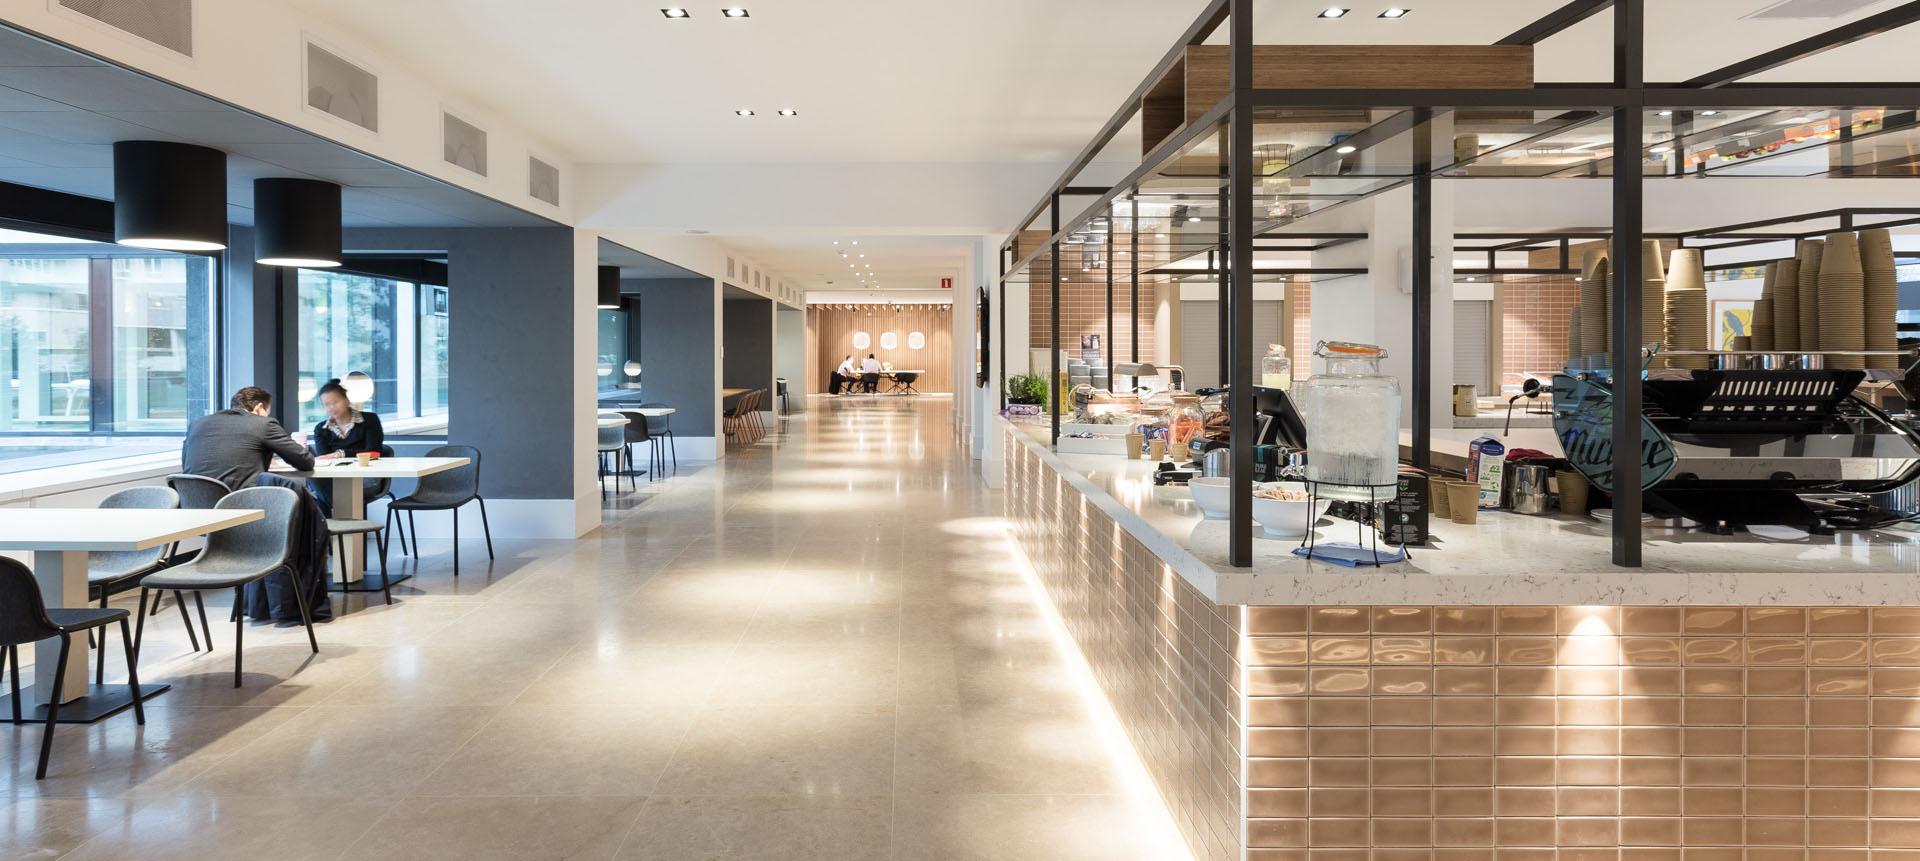 ZENBER Architecten ontwerpt bedrijfsrestaurant voor Nationale Nederlanden